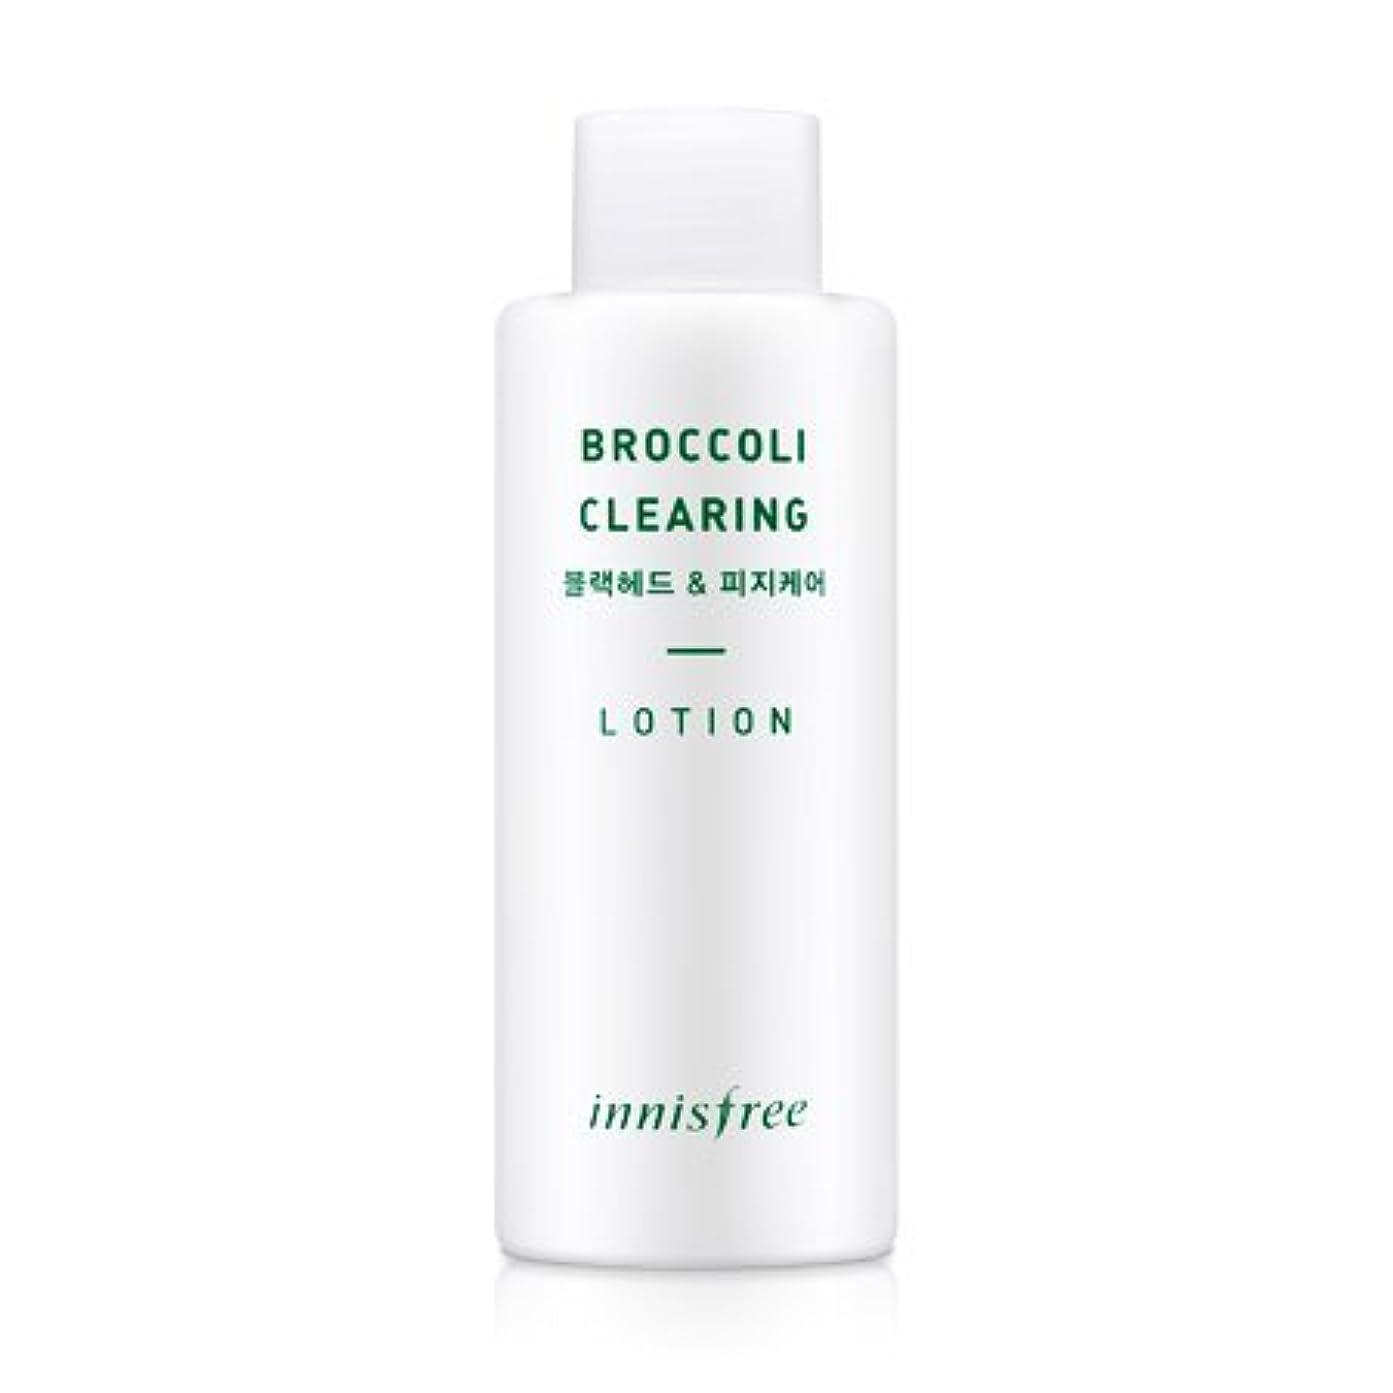 慎重に一般的な潮[innisfree(イニスフリー)] Super food_ Broccoli clearing lotion (130ml) スーパーフード_ブロッコリー クリアリング?ローション[並行輸入品][海外直送品]